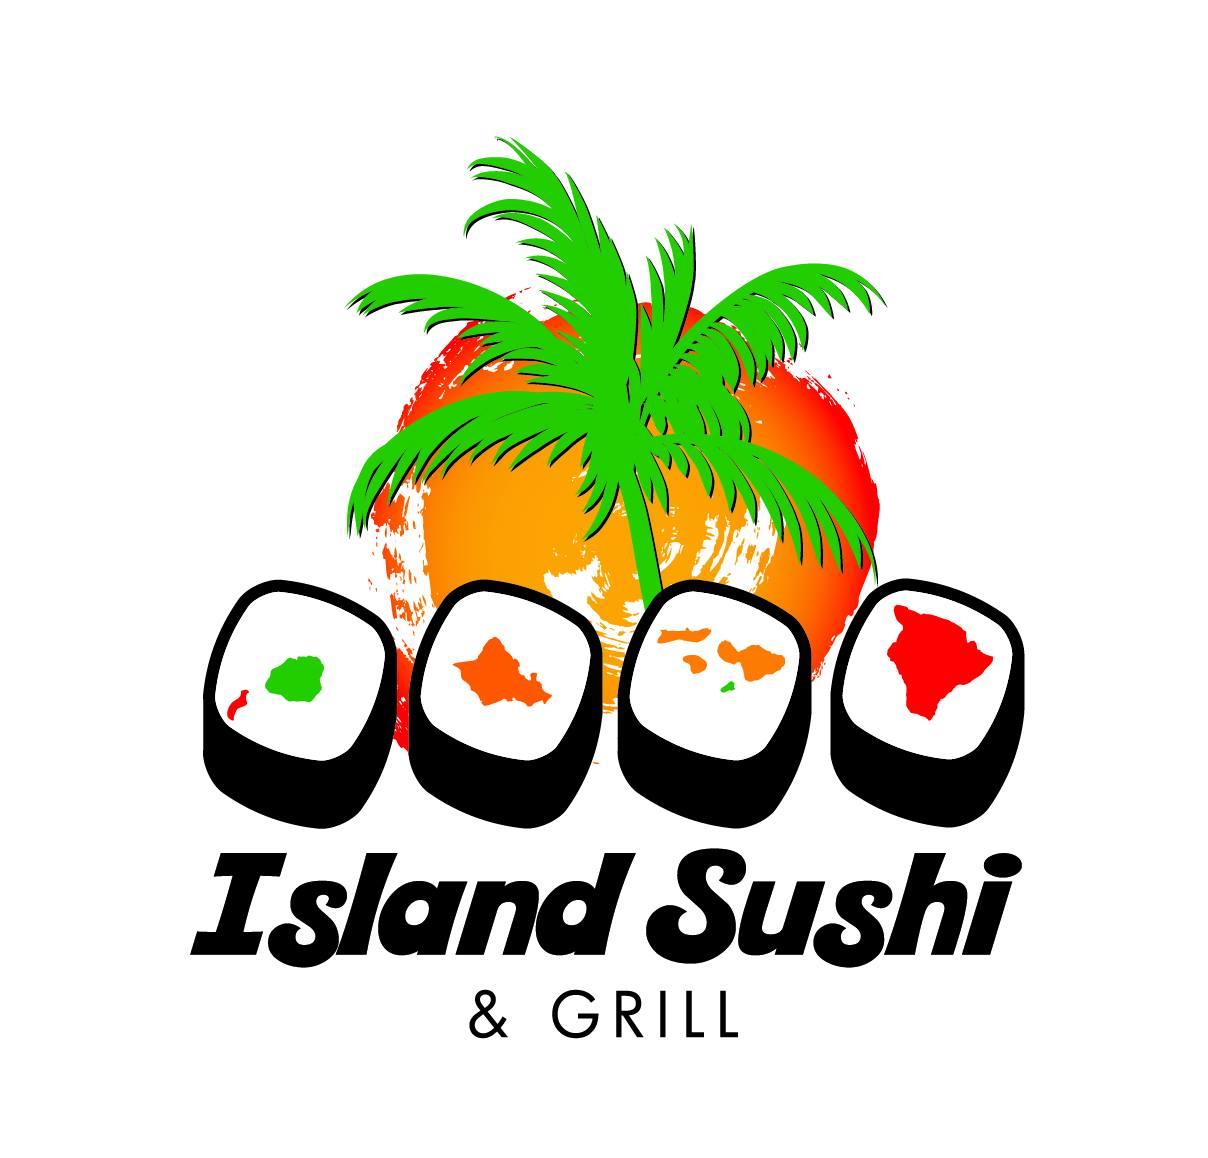 Island Sushi & Grill logo